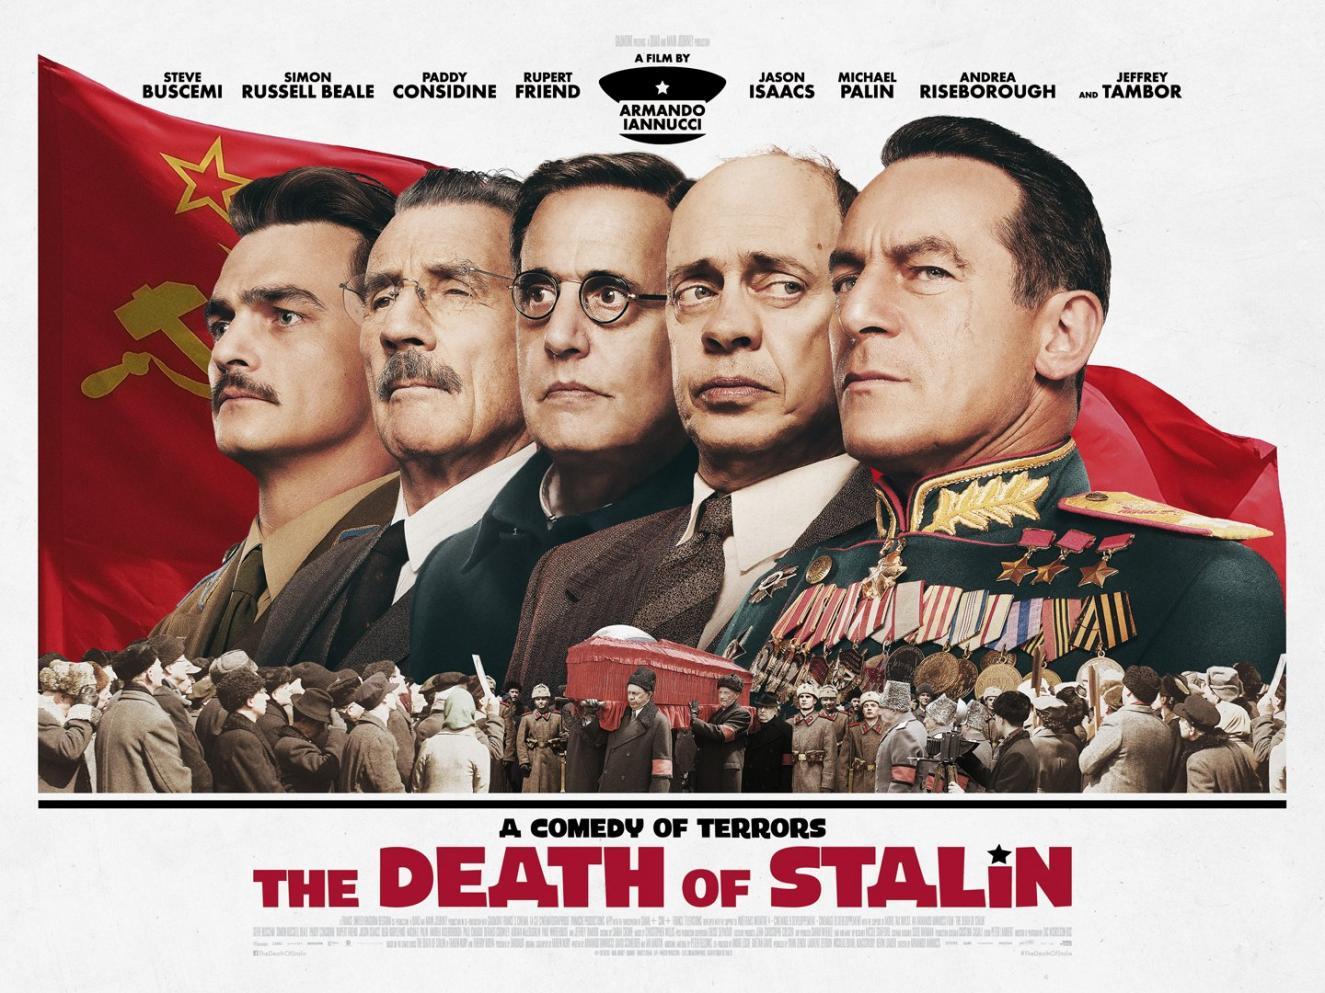 «100% провокация». Зюганов раскритиковал фильм «Смерть Сталина»